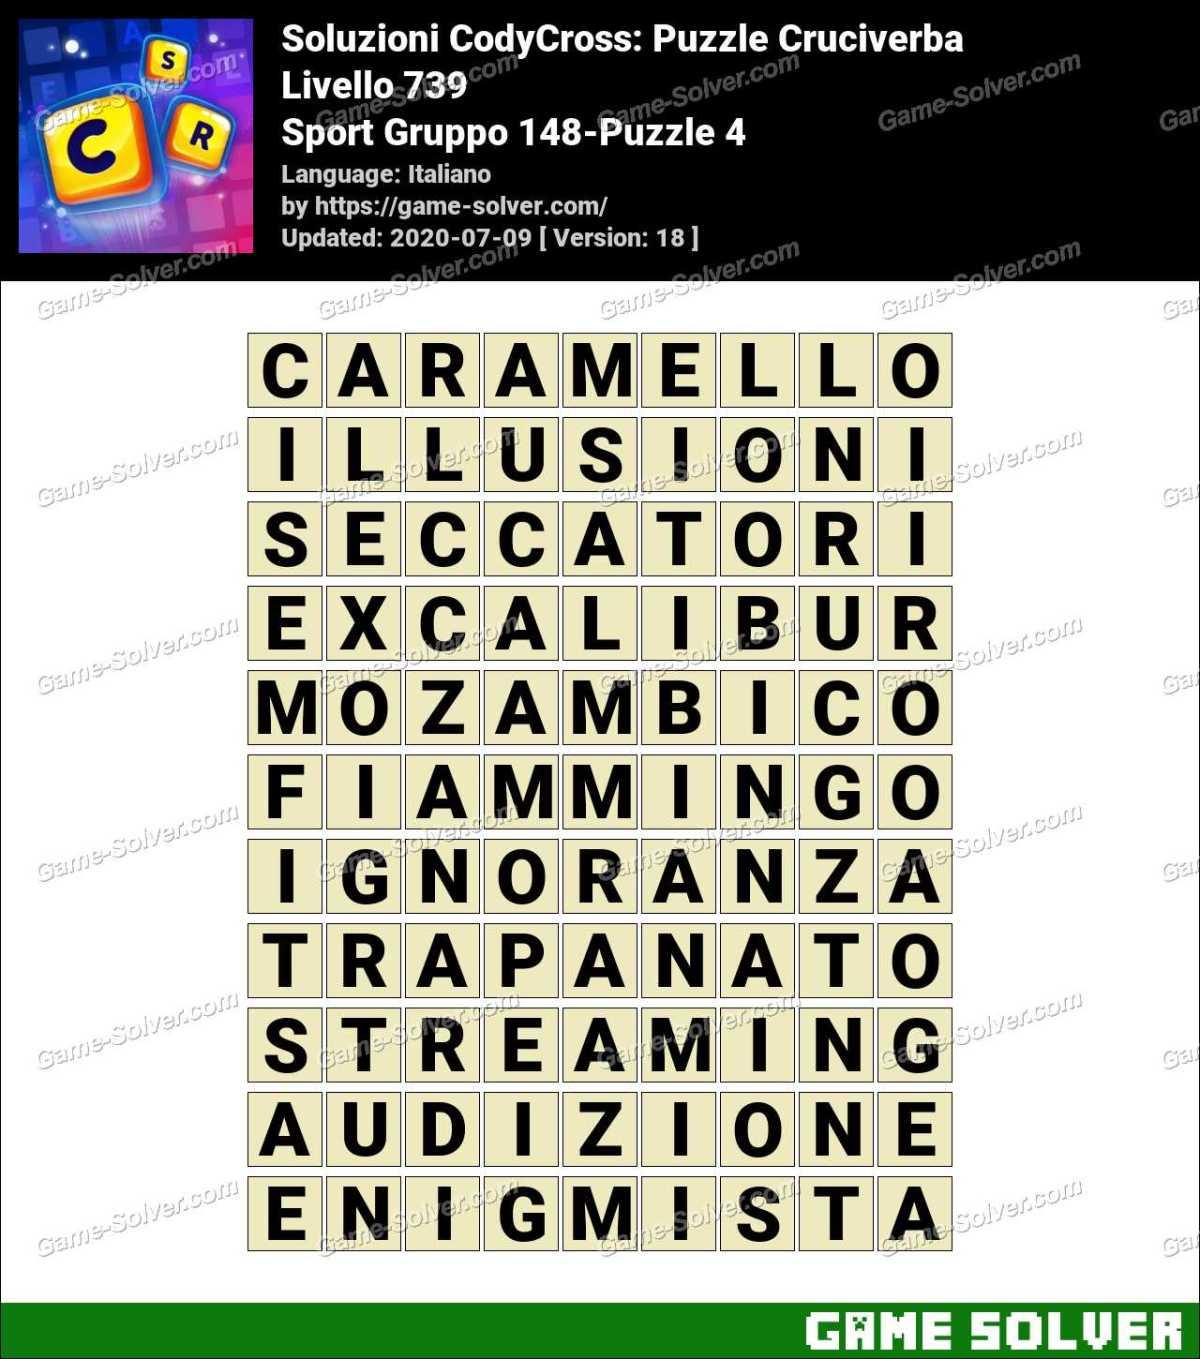 Soluzioni CodyCross Sport Gruppo 148-Puzzle 4